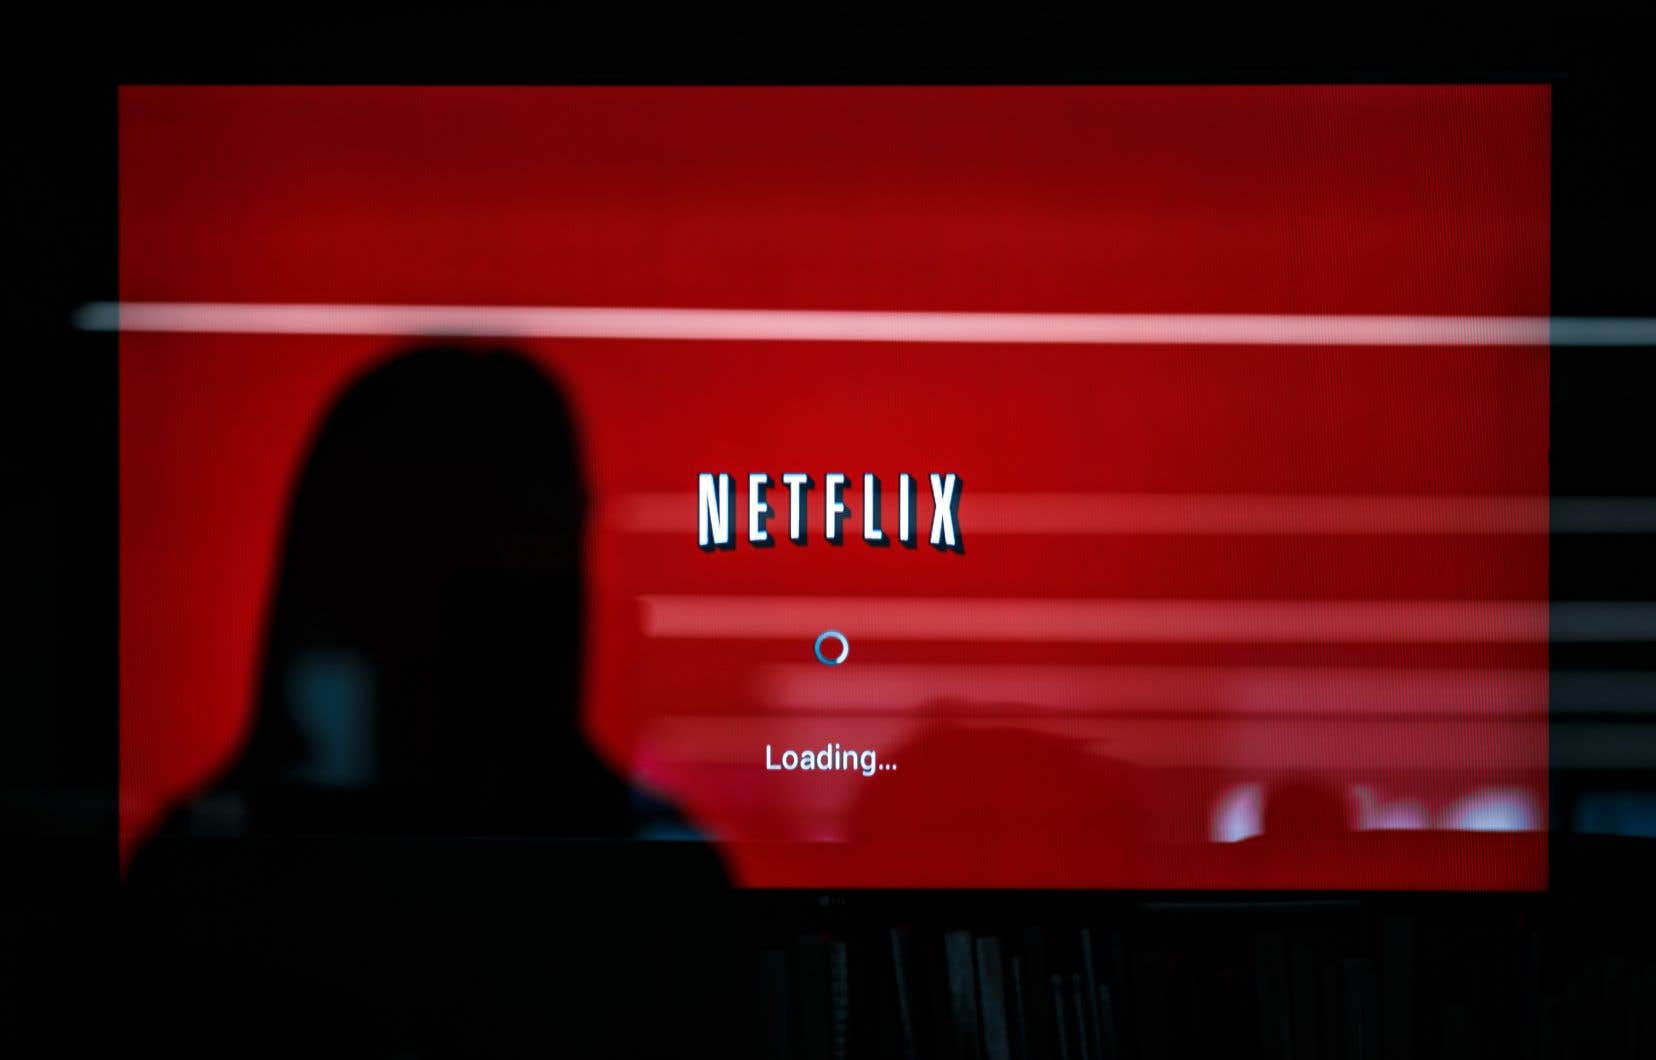 Le phénomène de la migration des habitudes d'écoute vers le Web et les plateformes de diffusion comme Netflix se confirme de plus en plus chaque année.